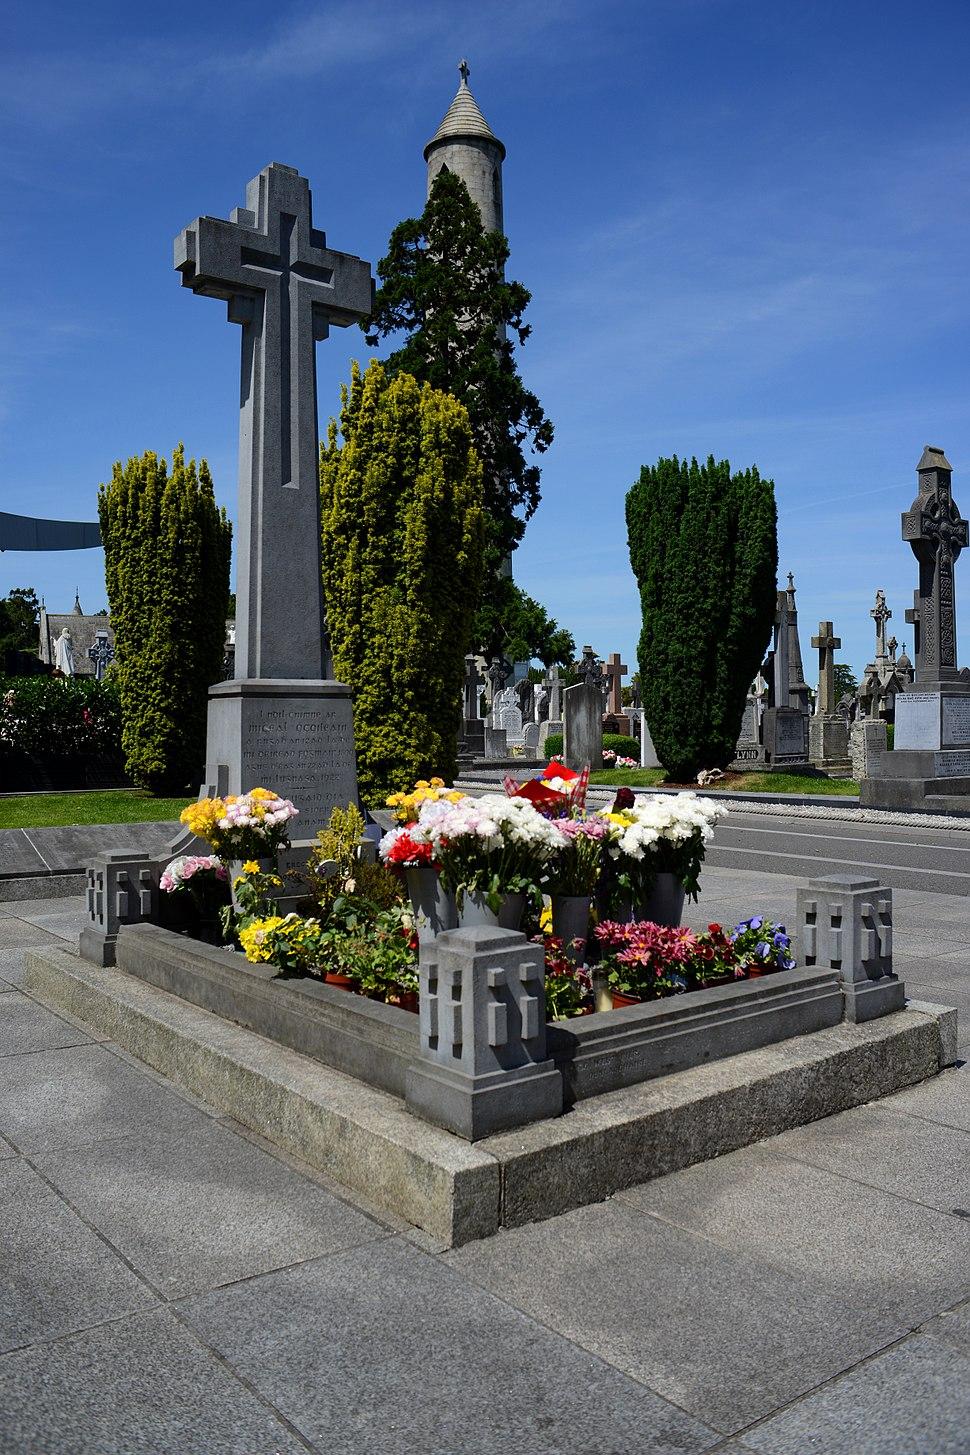 2017-06-20 4904x7356 dublin glasnevin cemetery michael collins grave